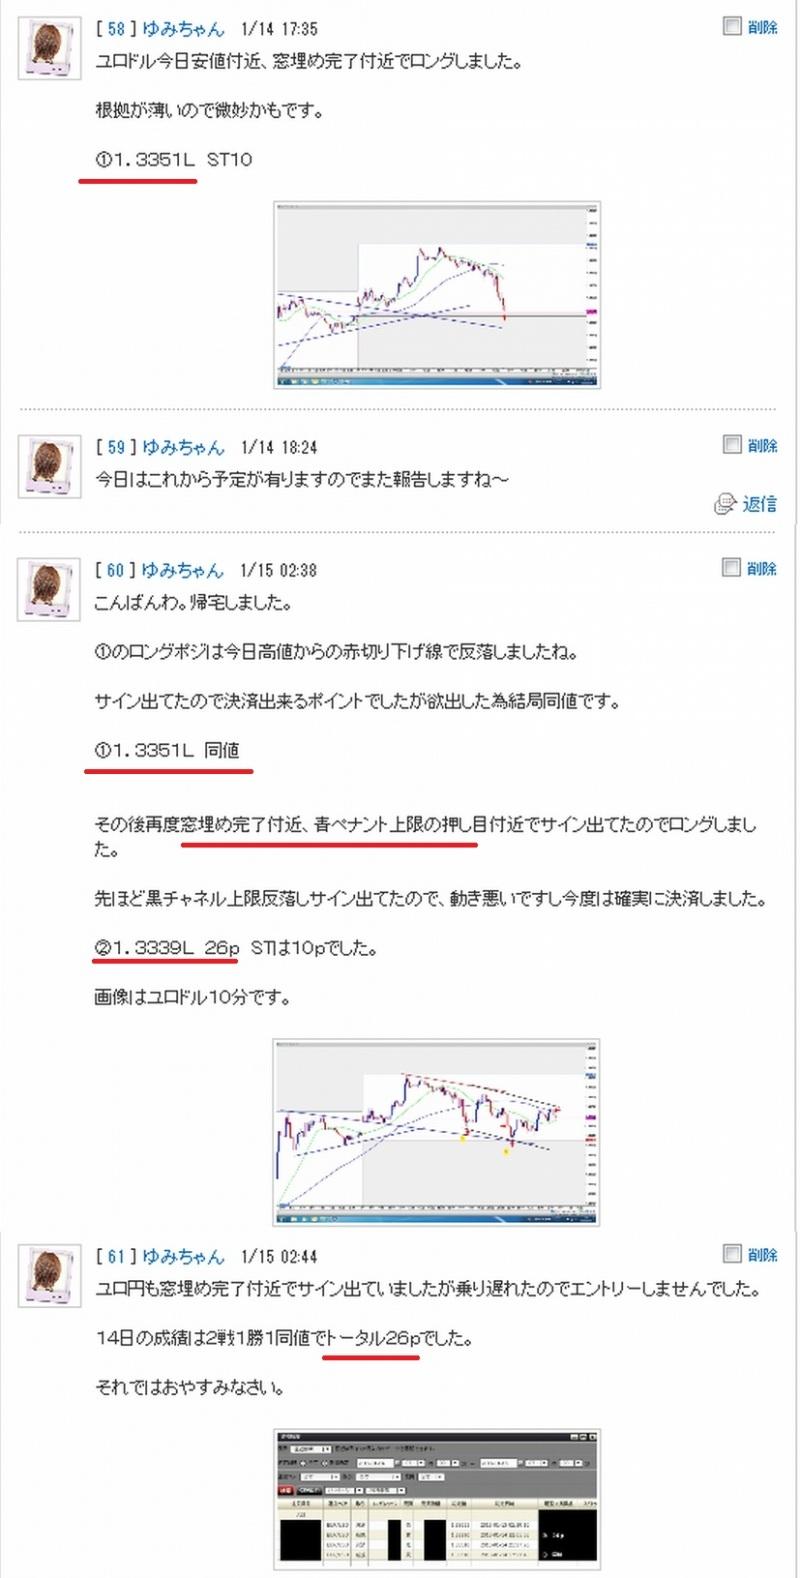 blog_import_513afd64d4883